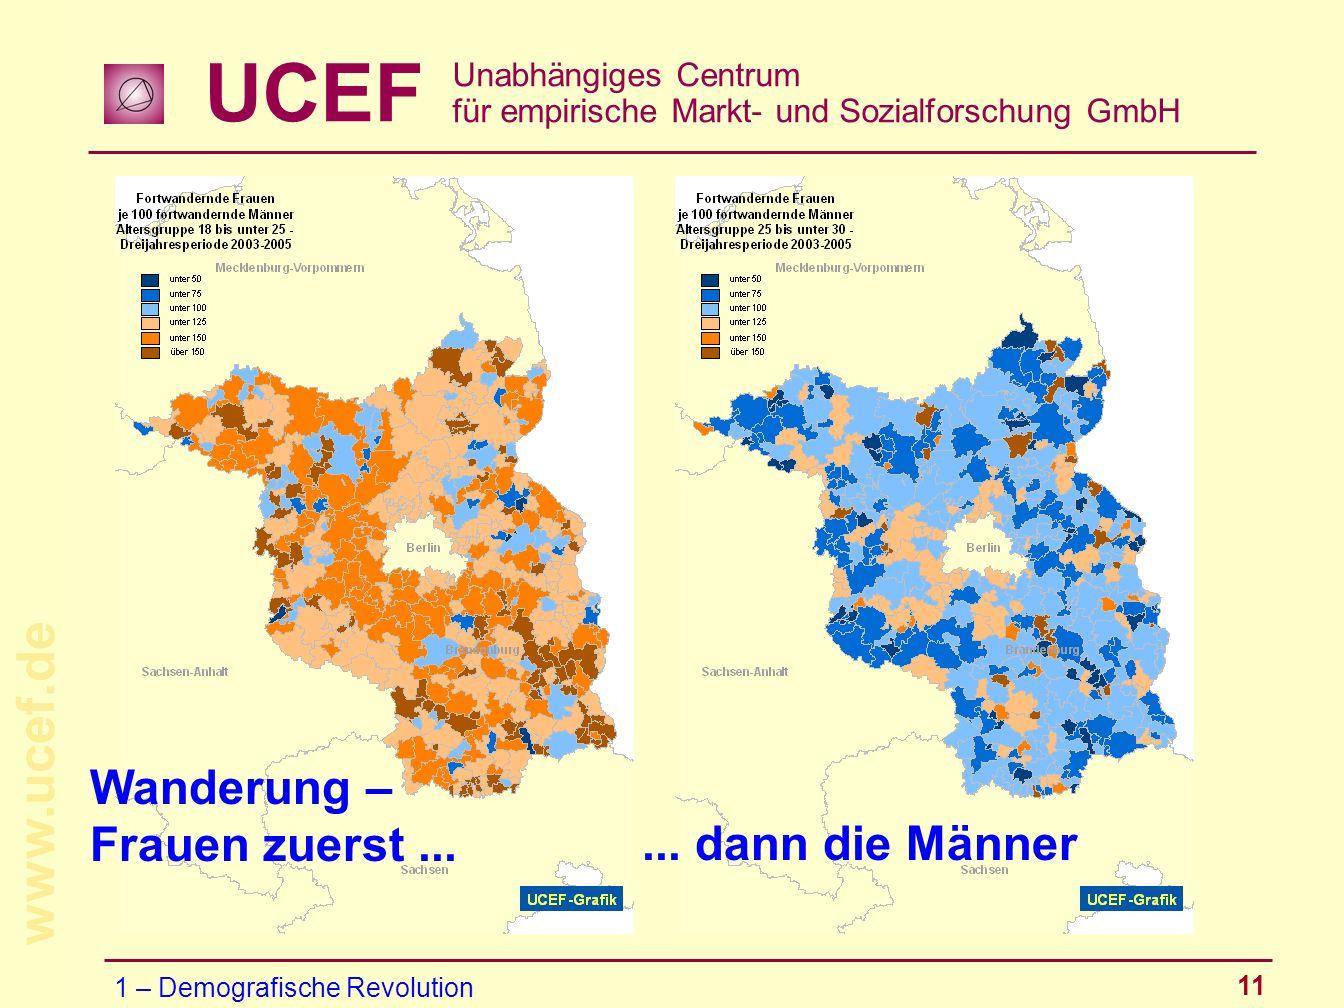 UCEF Unabhängiges Centrum für empirische Markt- und Sozialforschung GmbH www.ucef.de 11 1 – Demografische Revolution... dann die Männer Wanderung – Fr